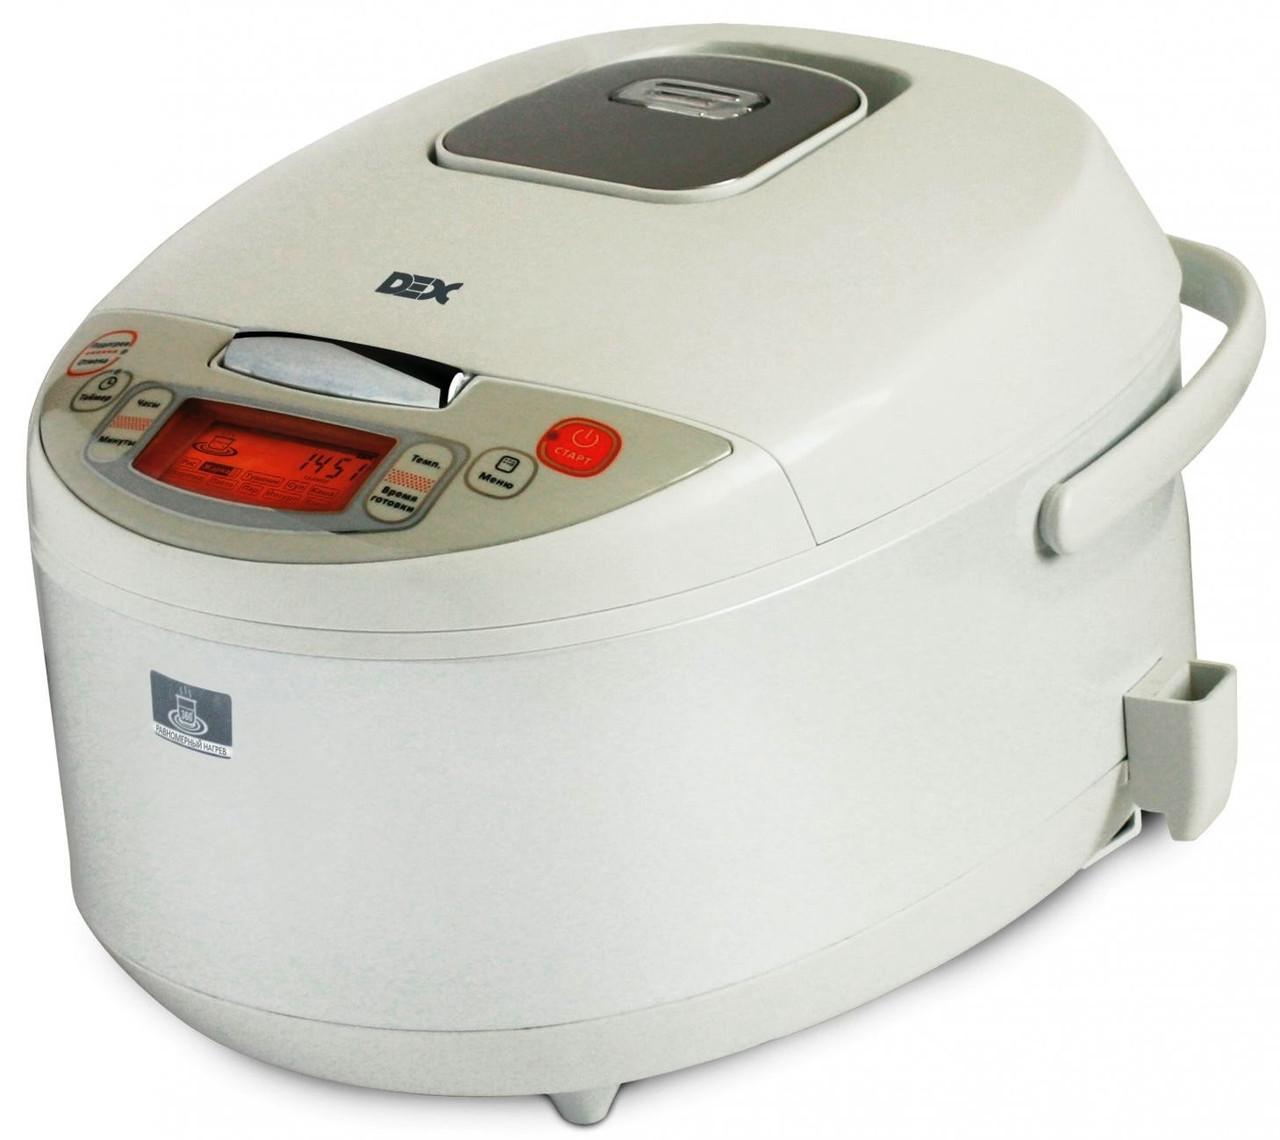 Мультиварка DEX DMC-55